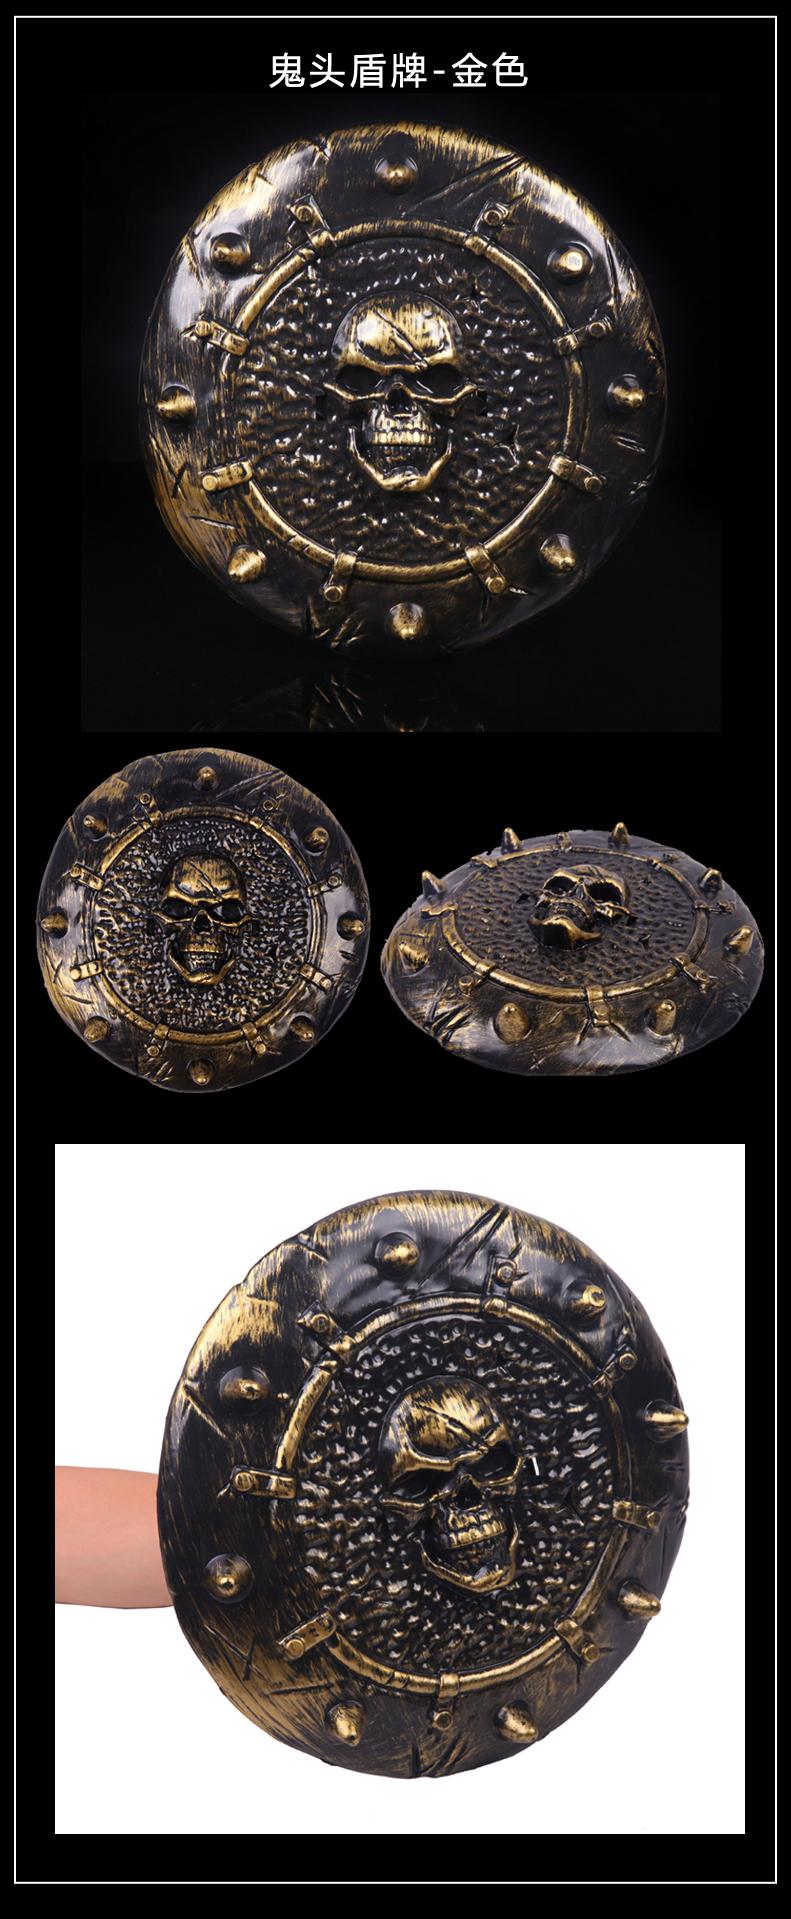 万圣节cos影视道具 武器装备 动漫兵器远征军盾牌 古罗马道具盾牌